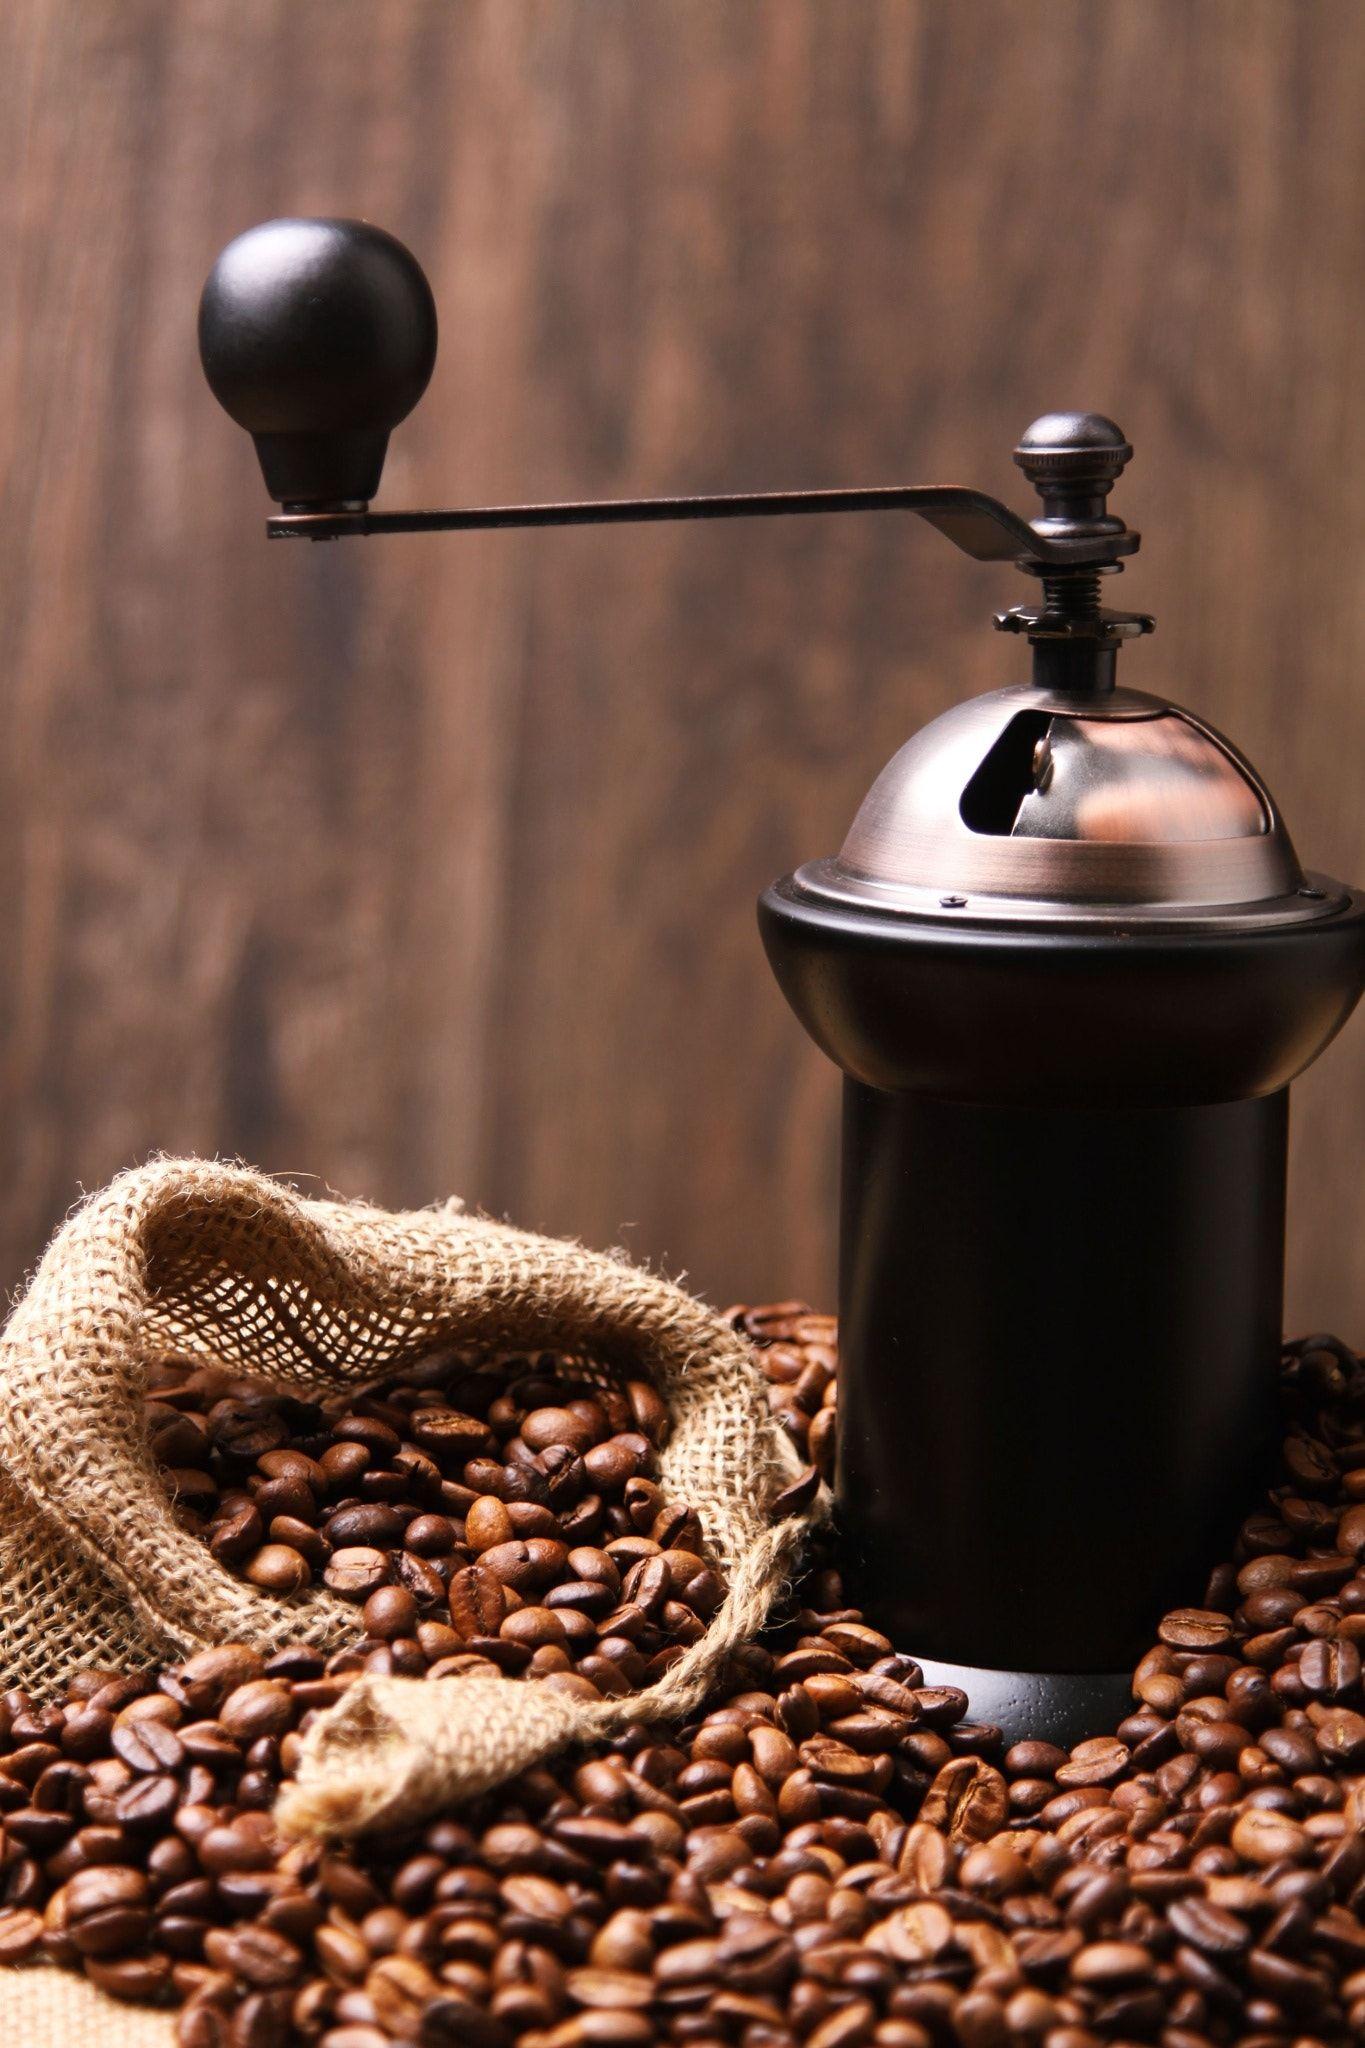 Coffee コー ヒー Café Caffè кофе Kaffe Kō hī